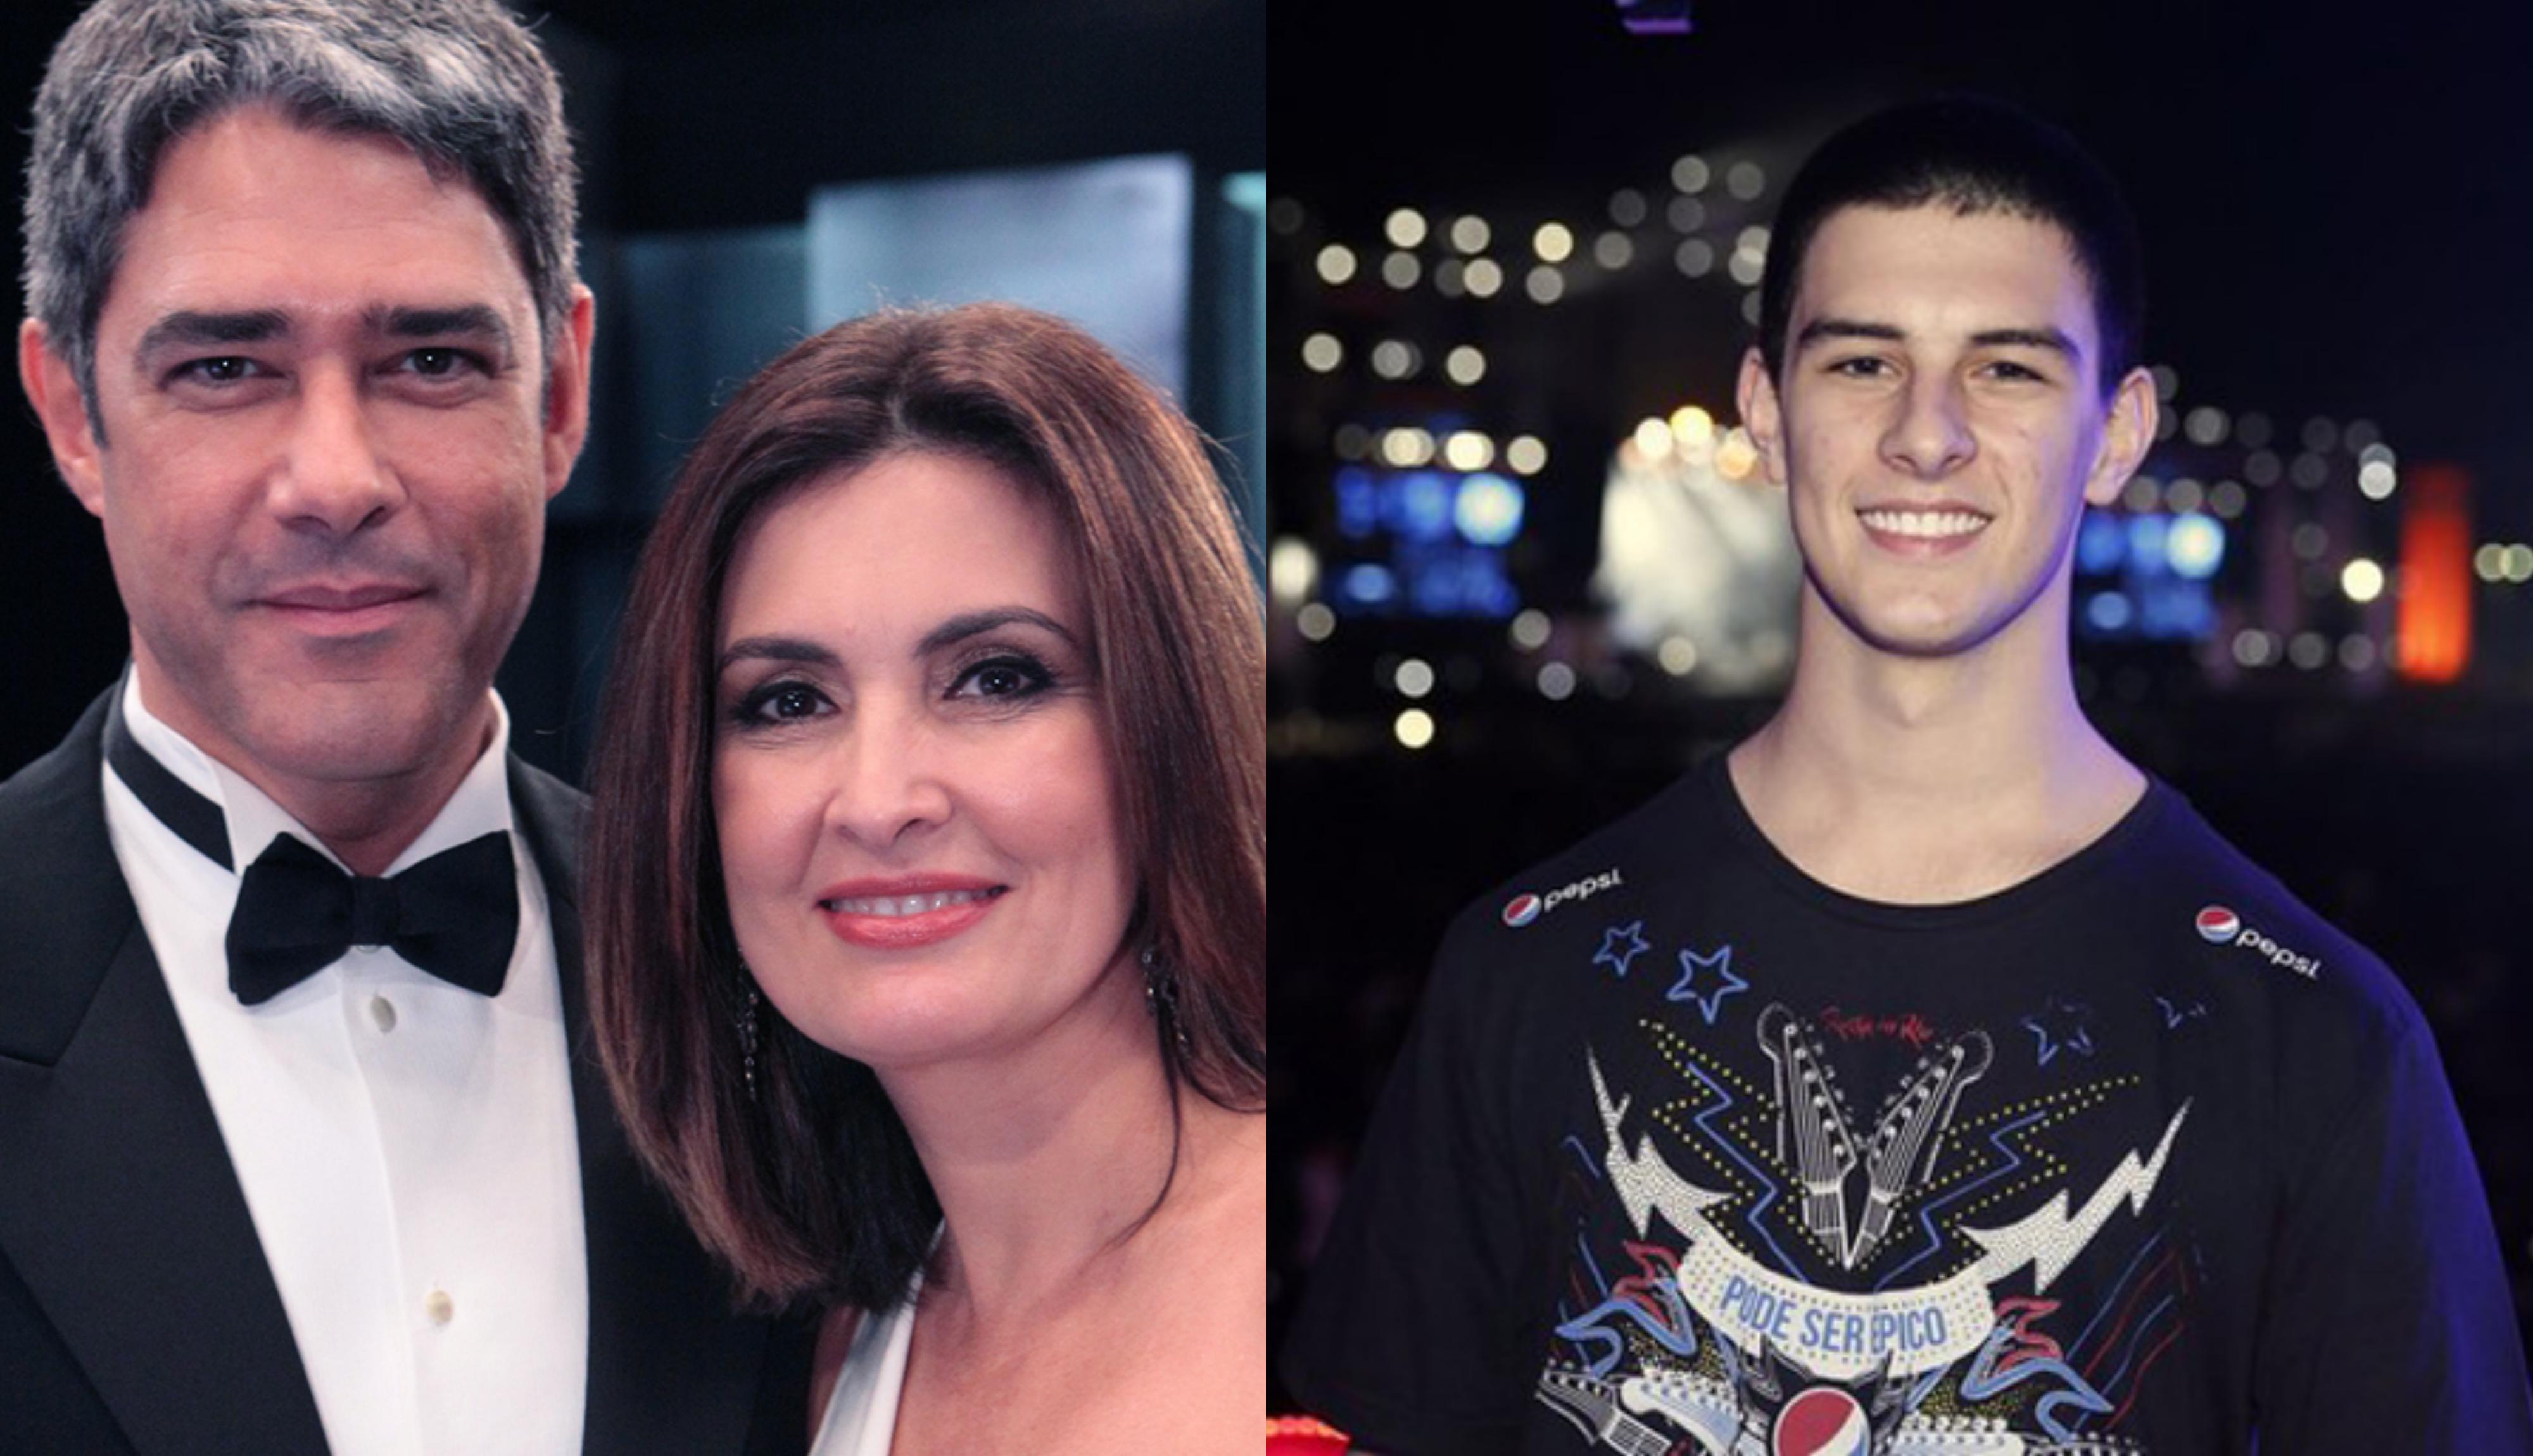 O filho do famoso jornalista da Globo, William Bonner e da apresentadora, Fátima Bernardes, Vinícius Bonemer compartilha foto com namorada (Foto: Montagem TV Foco)